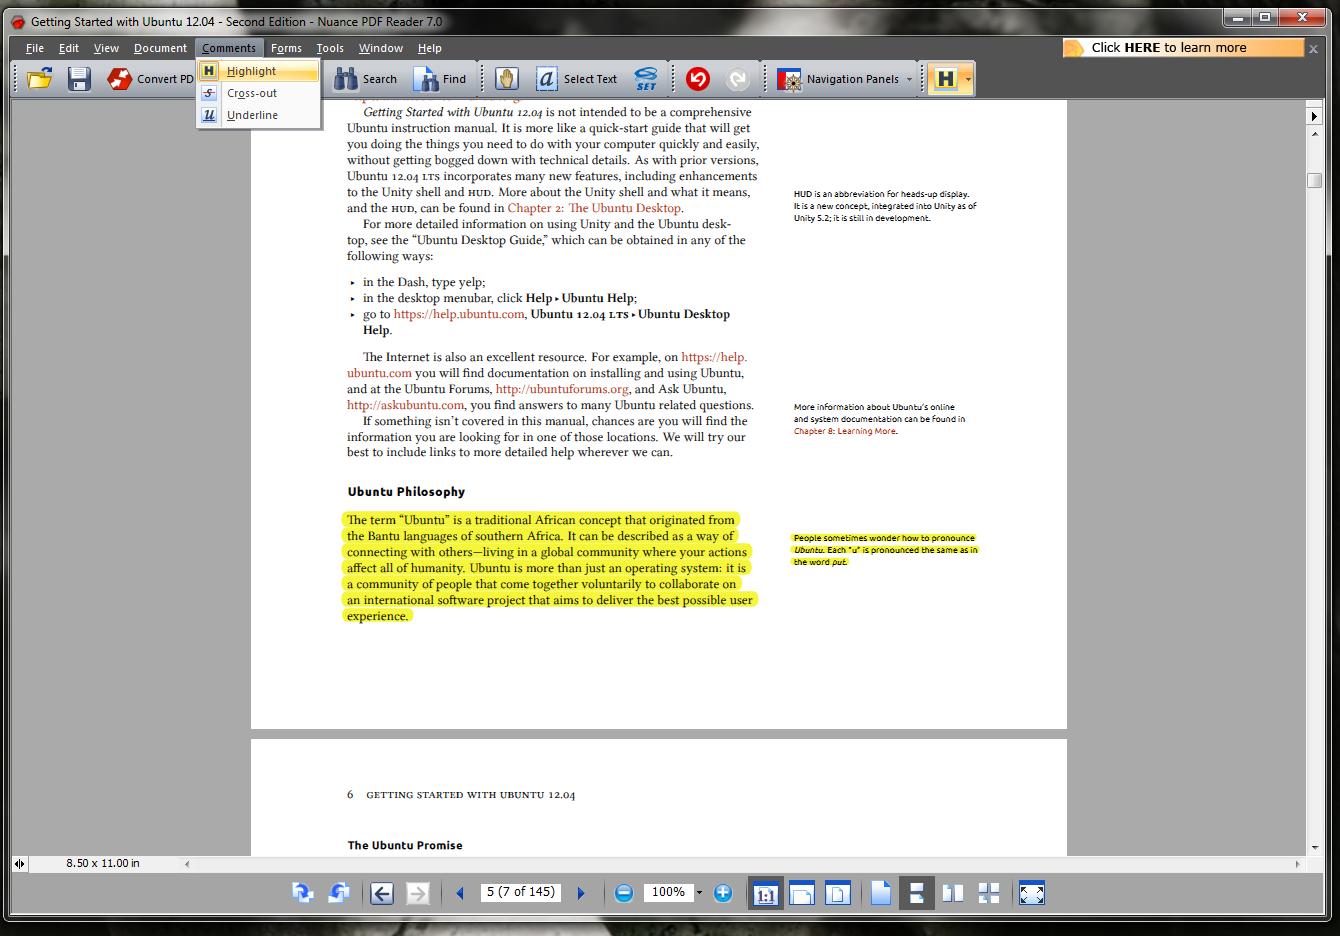 lettore pdf leggero